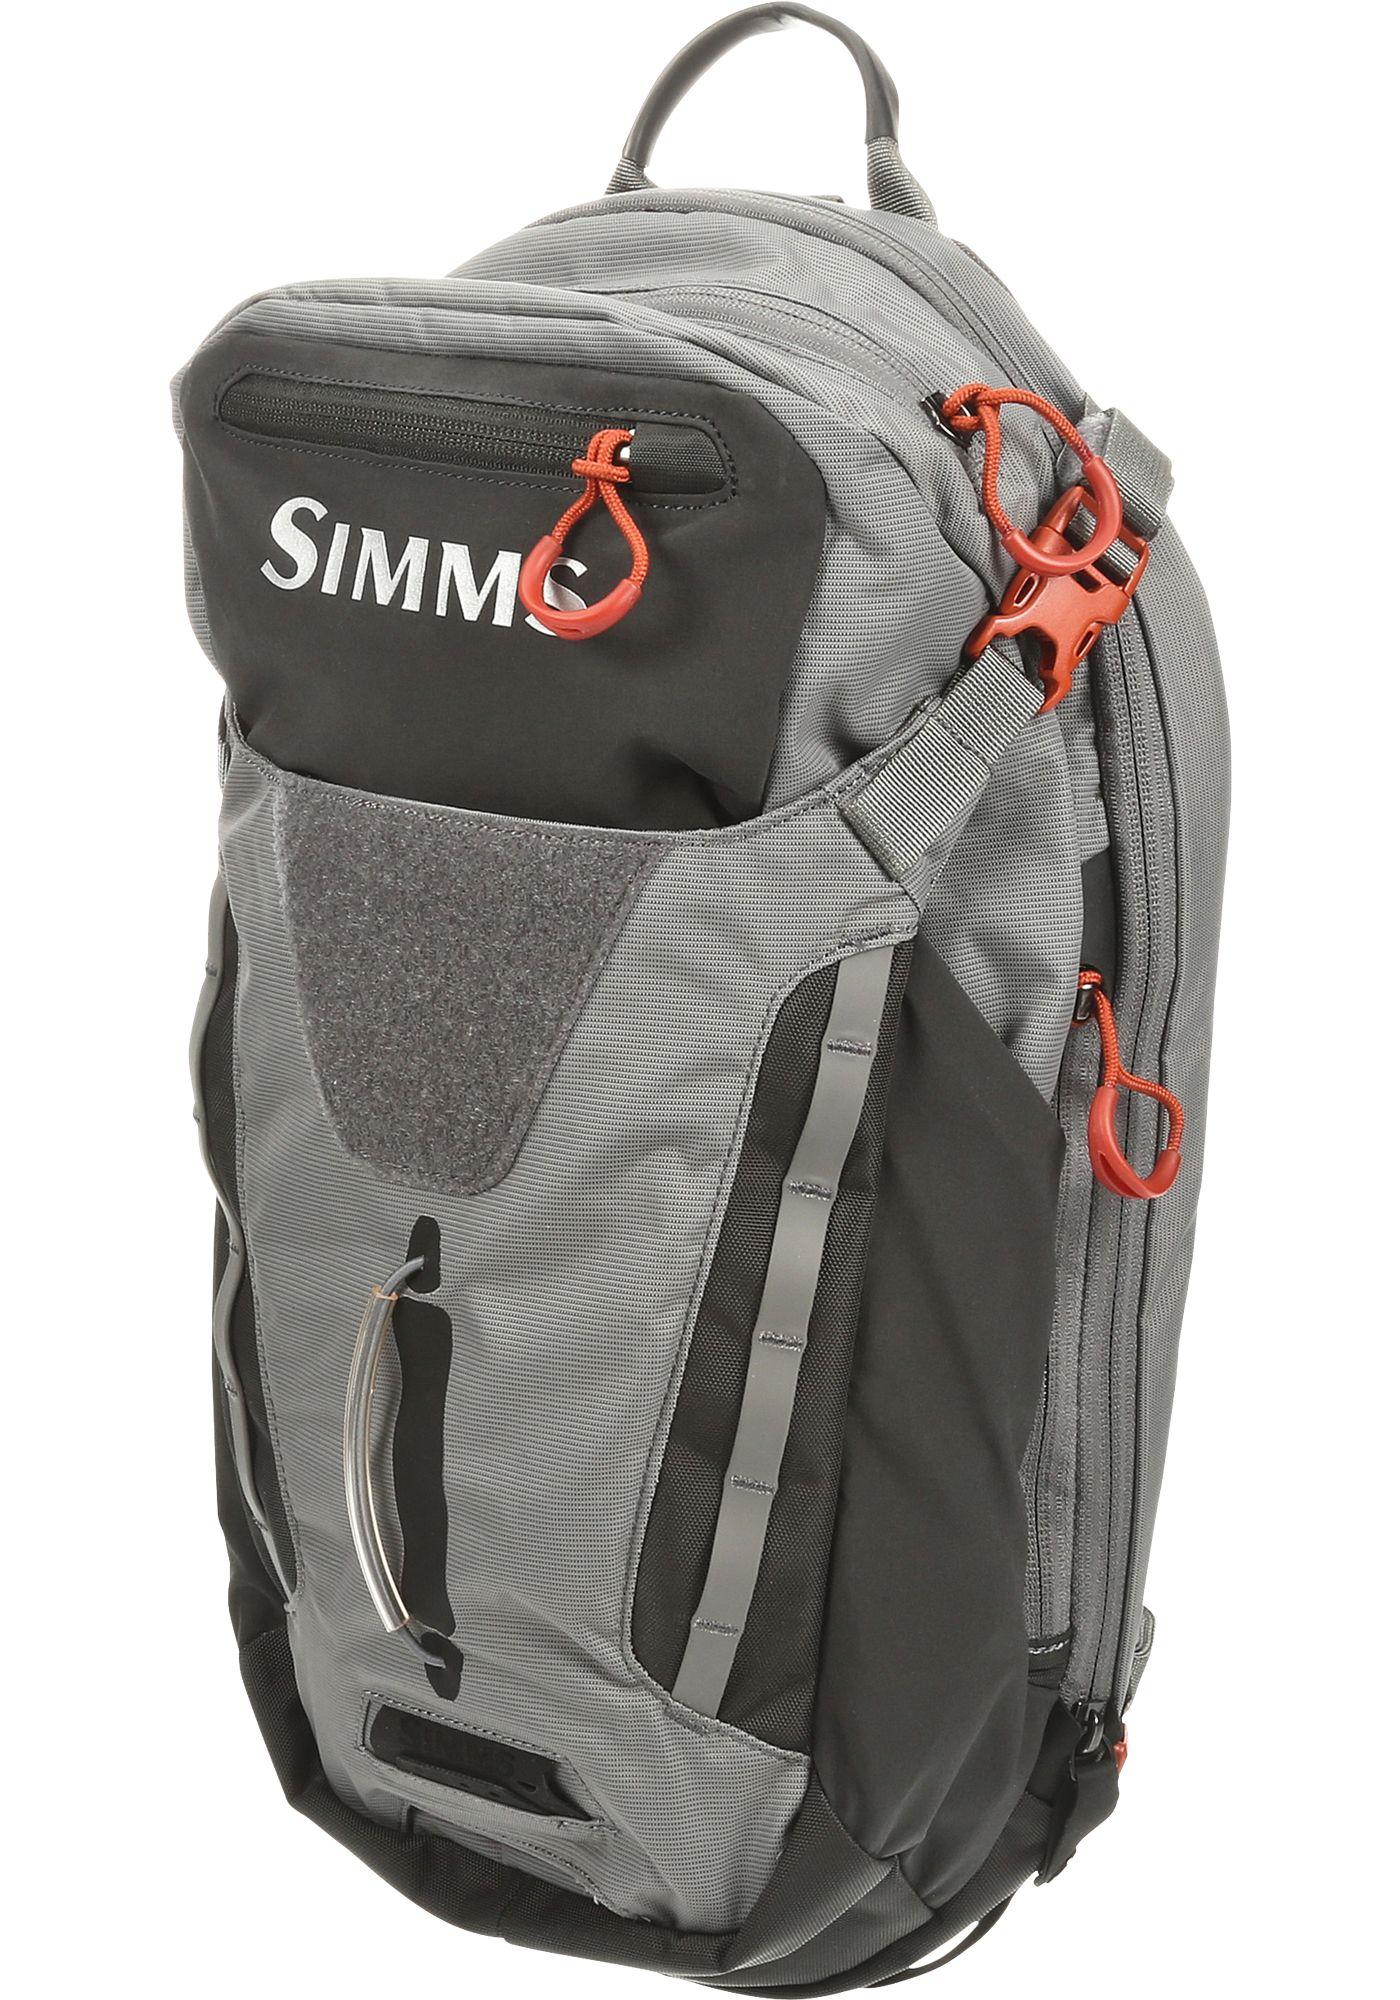 Simms Freestone Ambidextrous Fishing Sling Pack